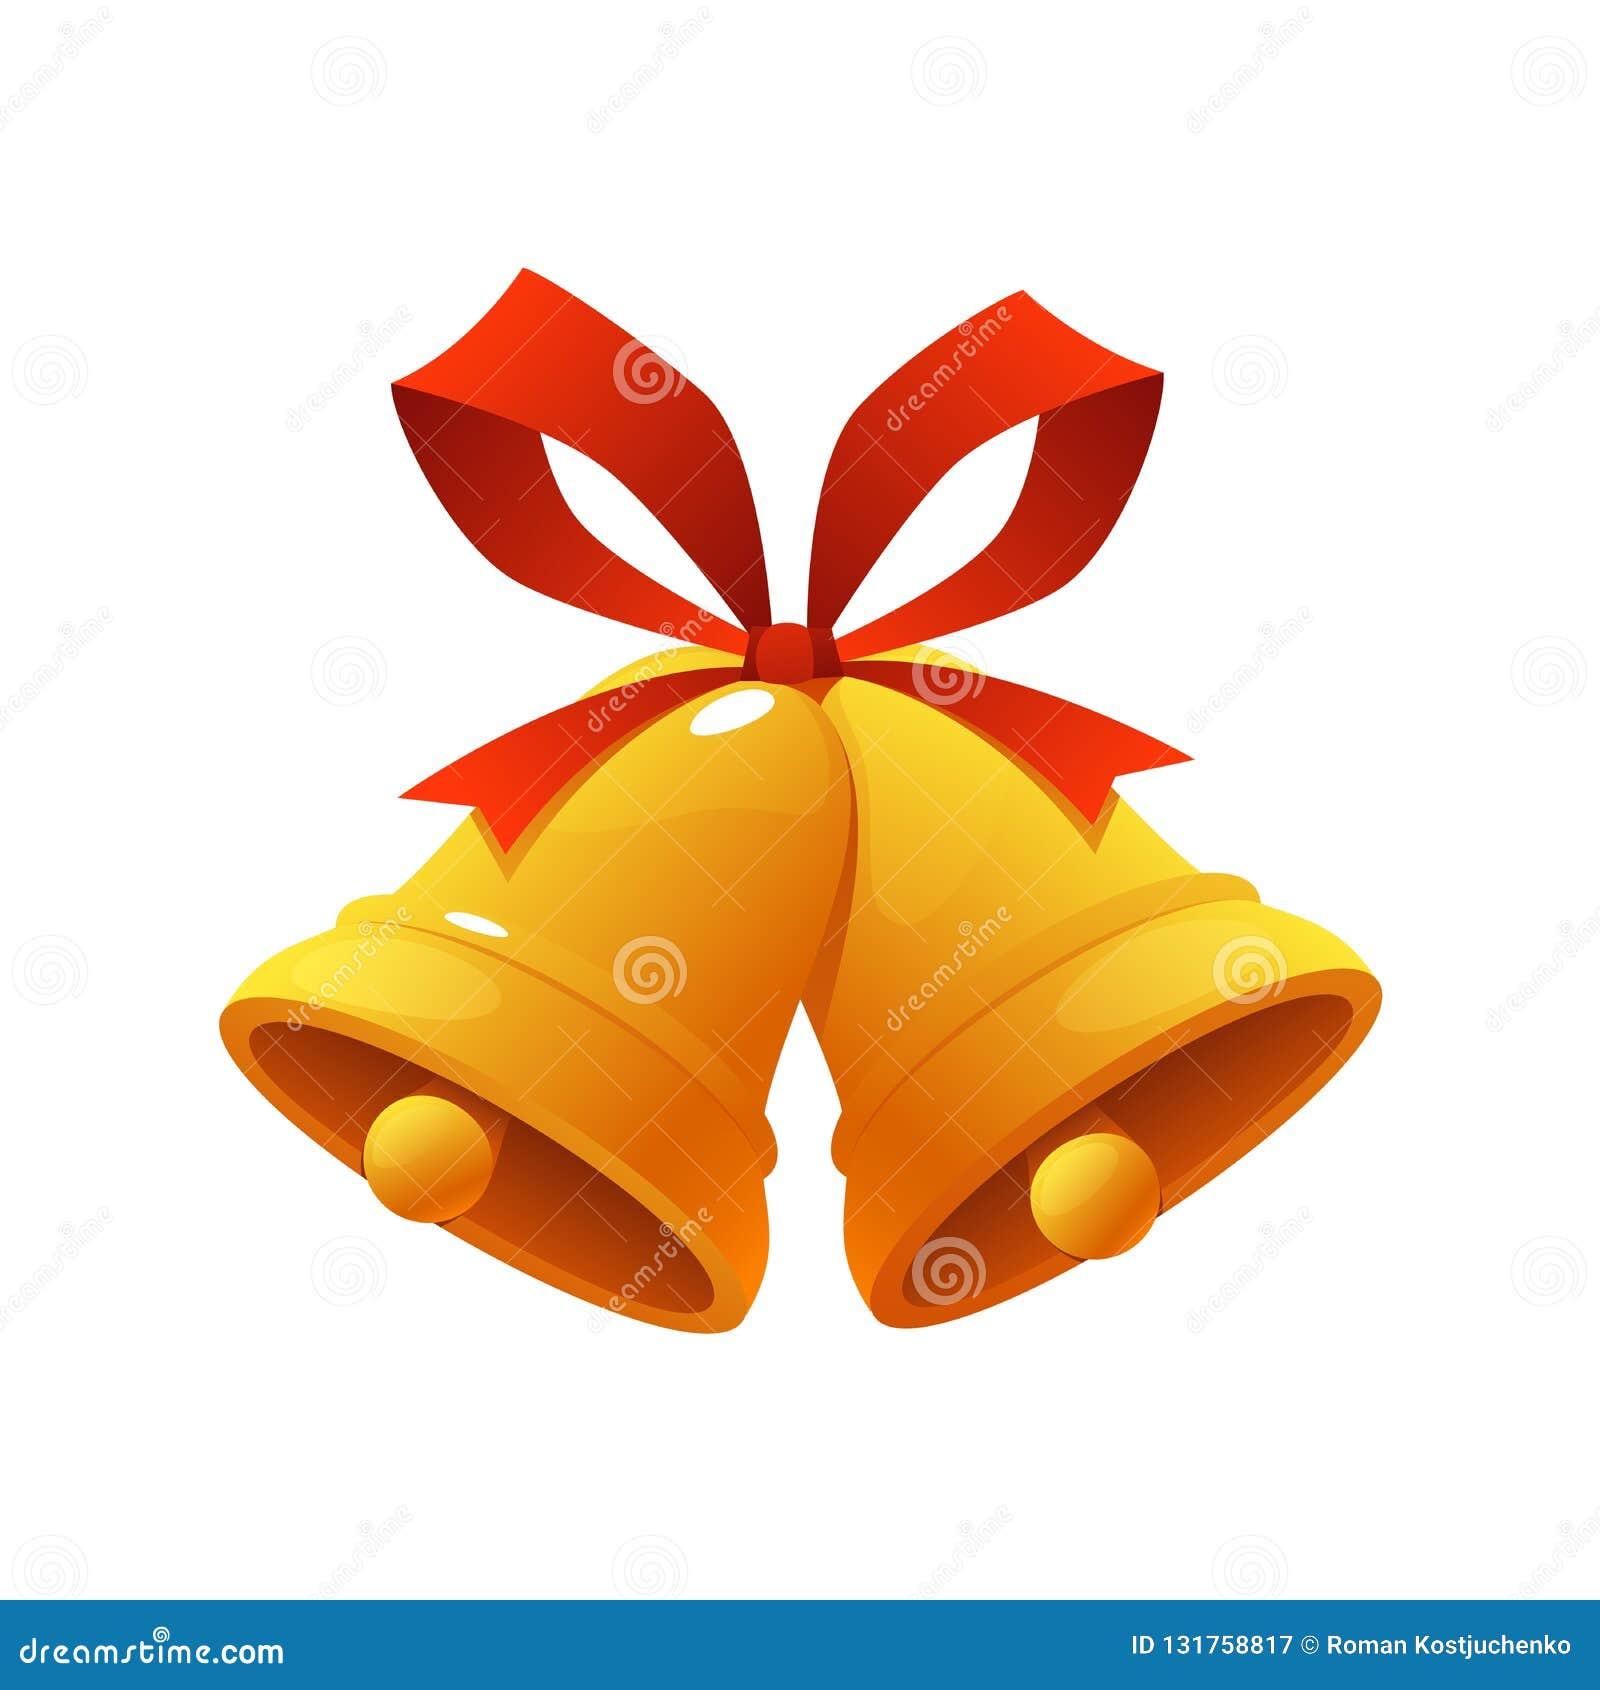 Goldene Weihnachtsglocke mit roter Bandklingelglocken-Ikonenvektorillustration auf weißem Hintergrund